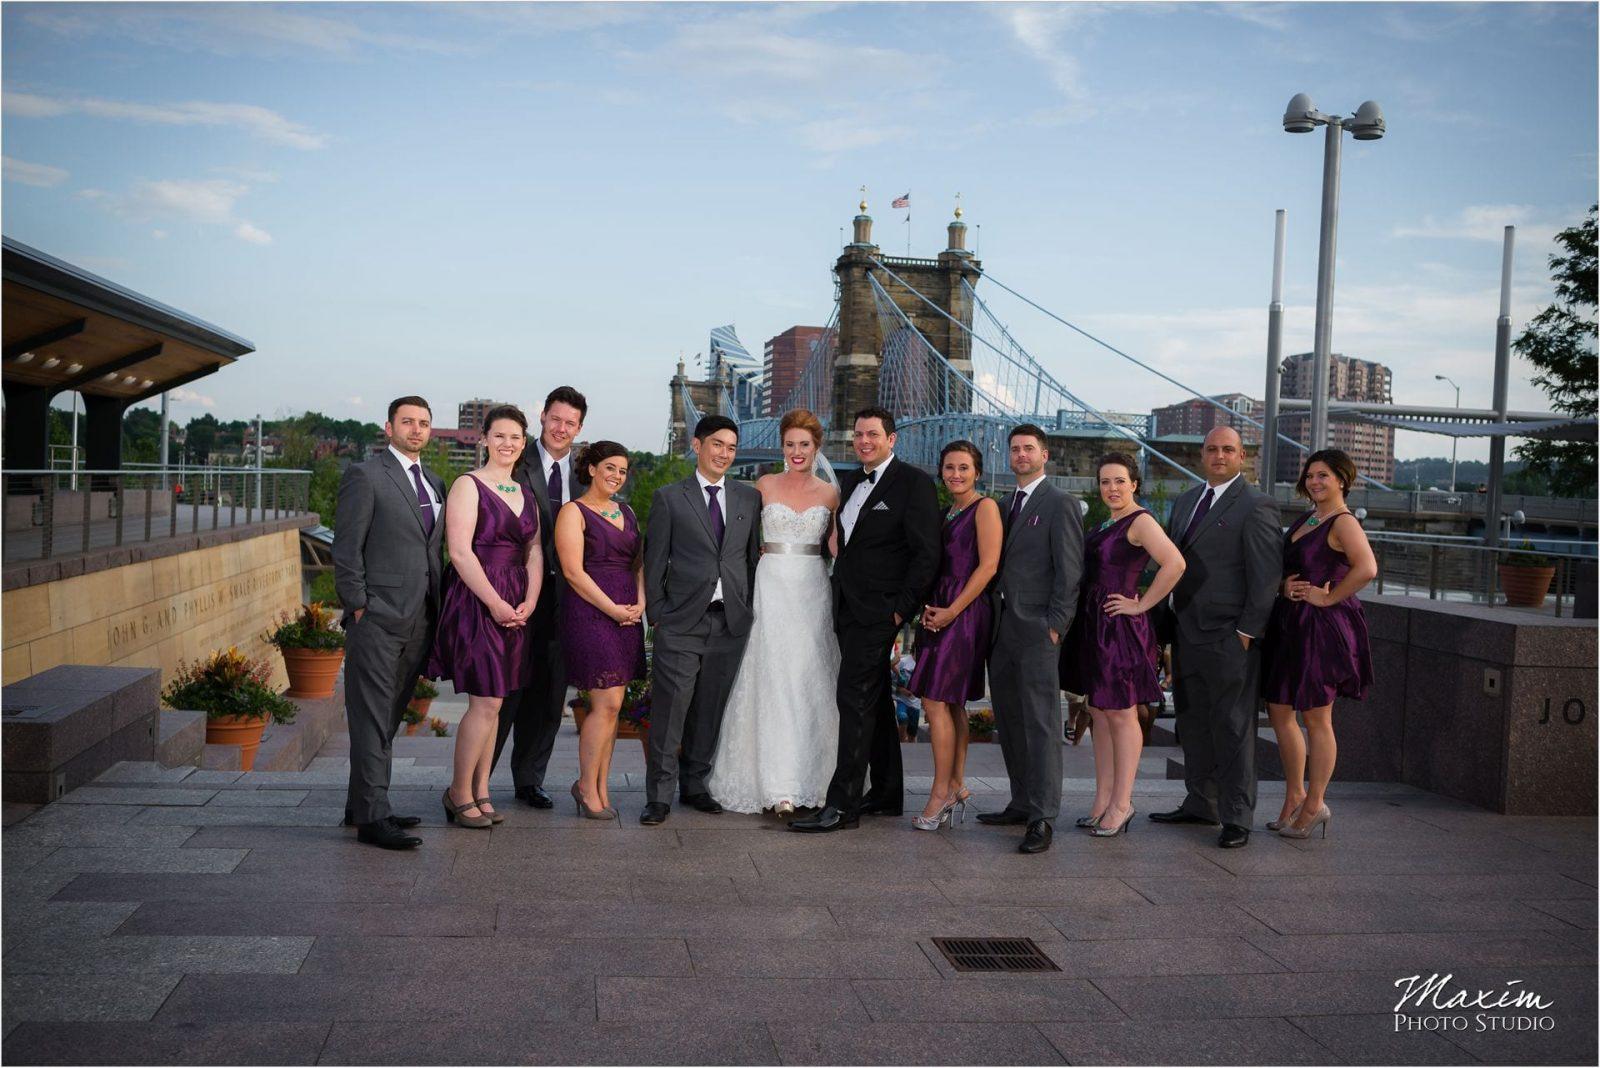 Smale Riverfront Park Bridal Party, Roebling Bridge, Marriott Rivecenter